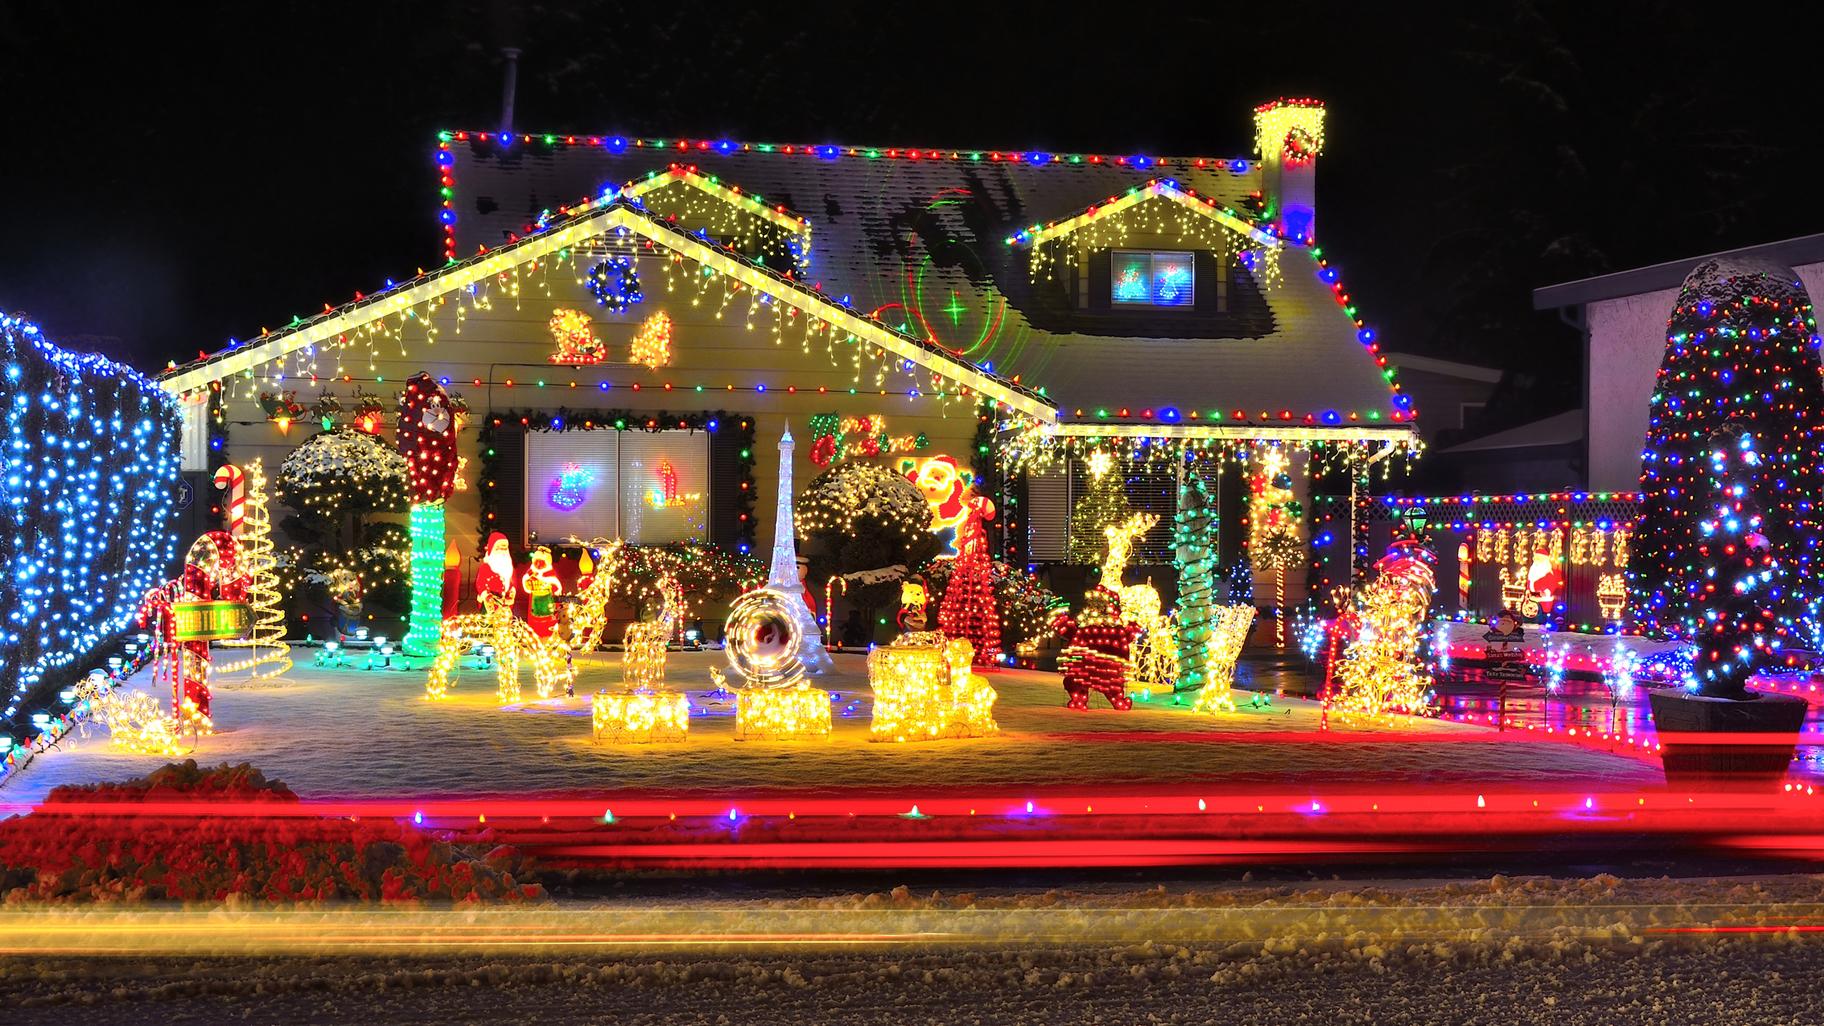 Haus Weihnachtsbeleuchtung.So Irre Kann Das Haus Zur Weihnachtszeit Aussehen